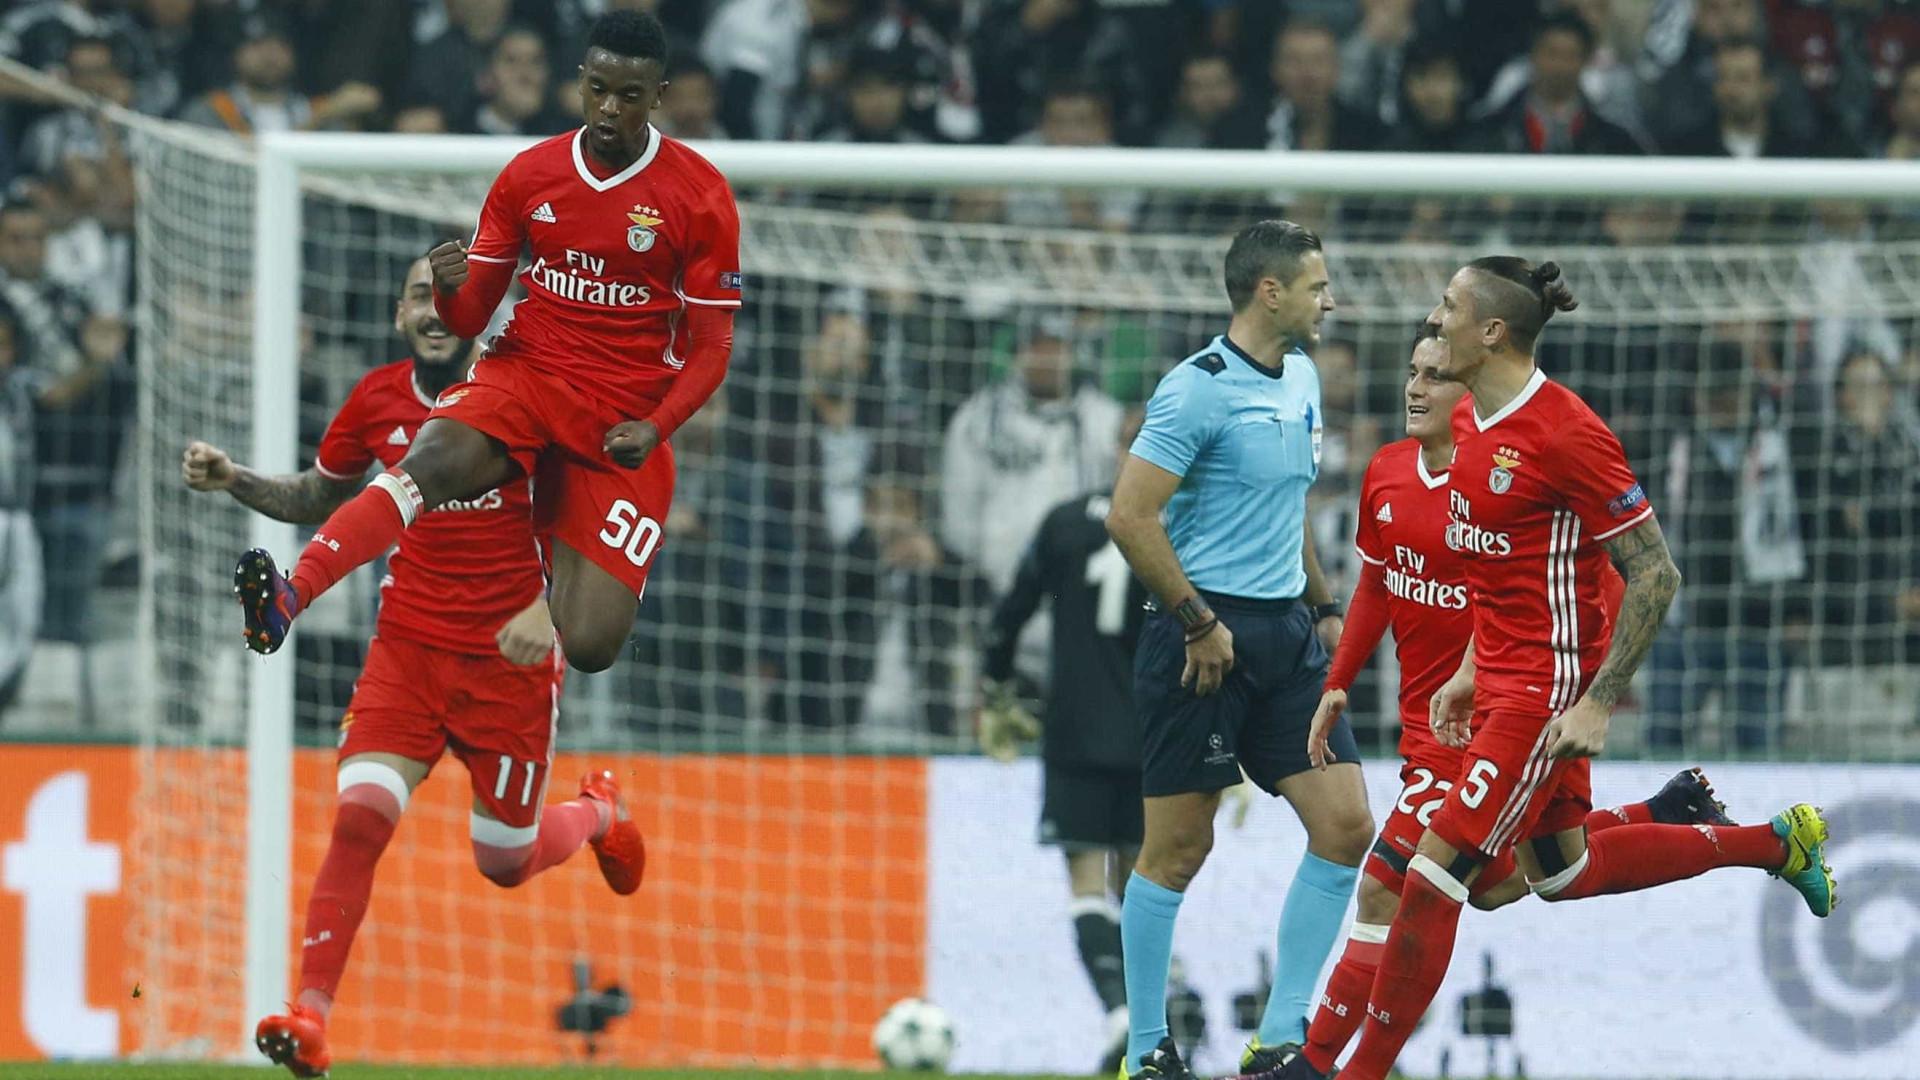 Benfica recompensa talento de Semedo, Guedes e Ederson